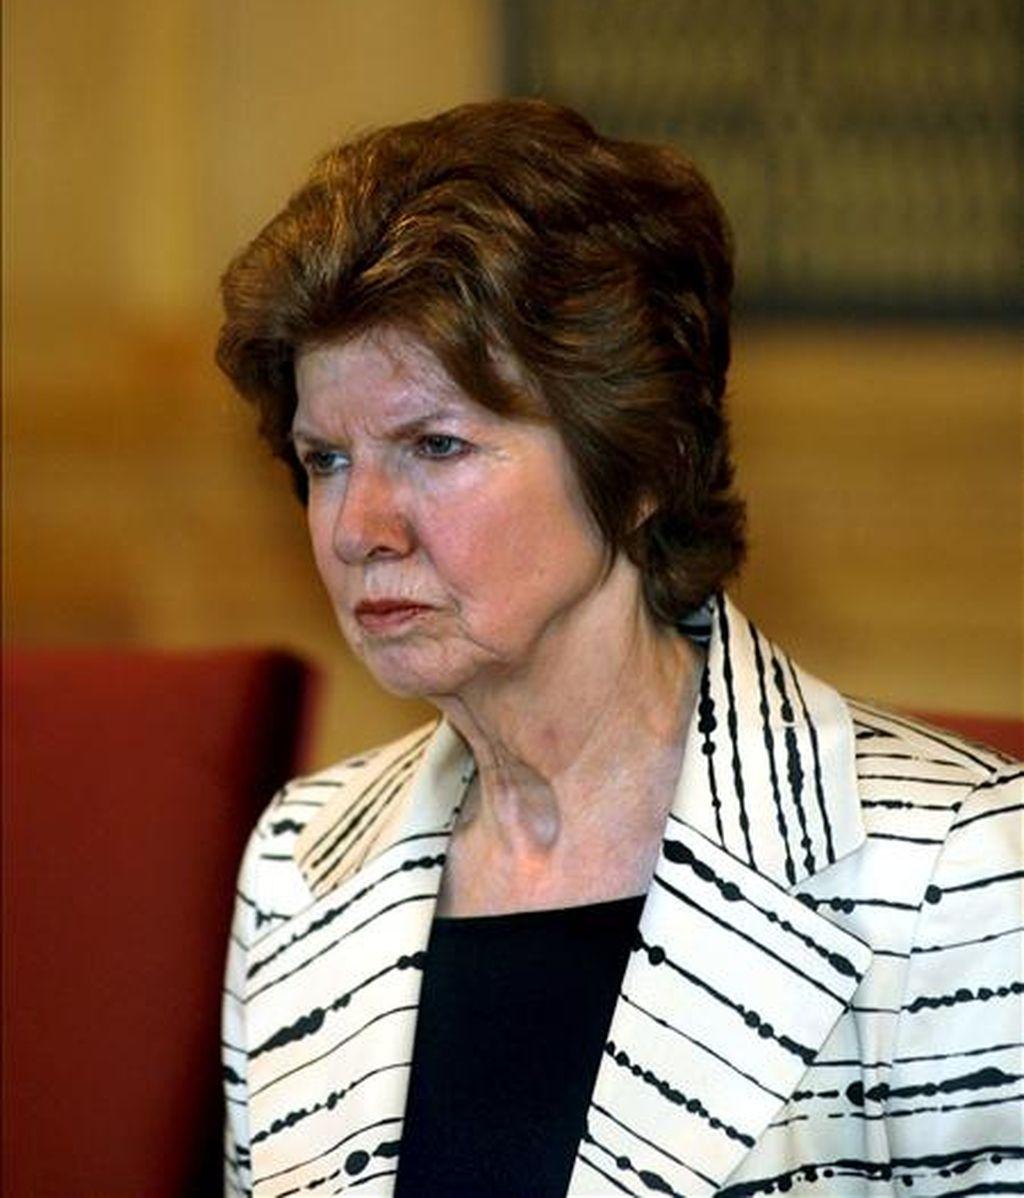 La presidenta de Transparencia Internacional, Huguette Labelle. EFE/Archivo